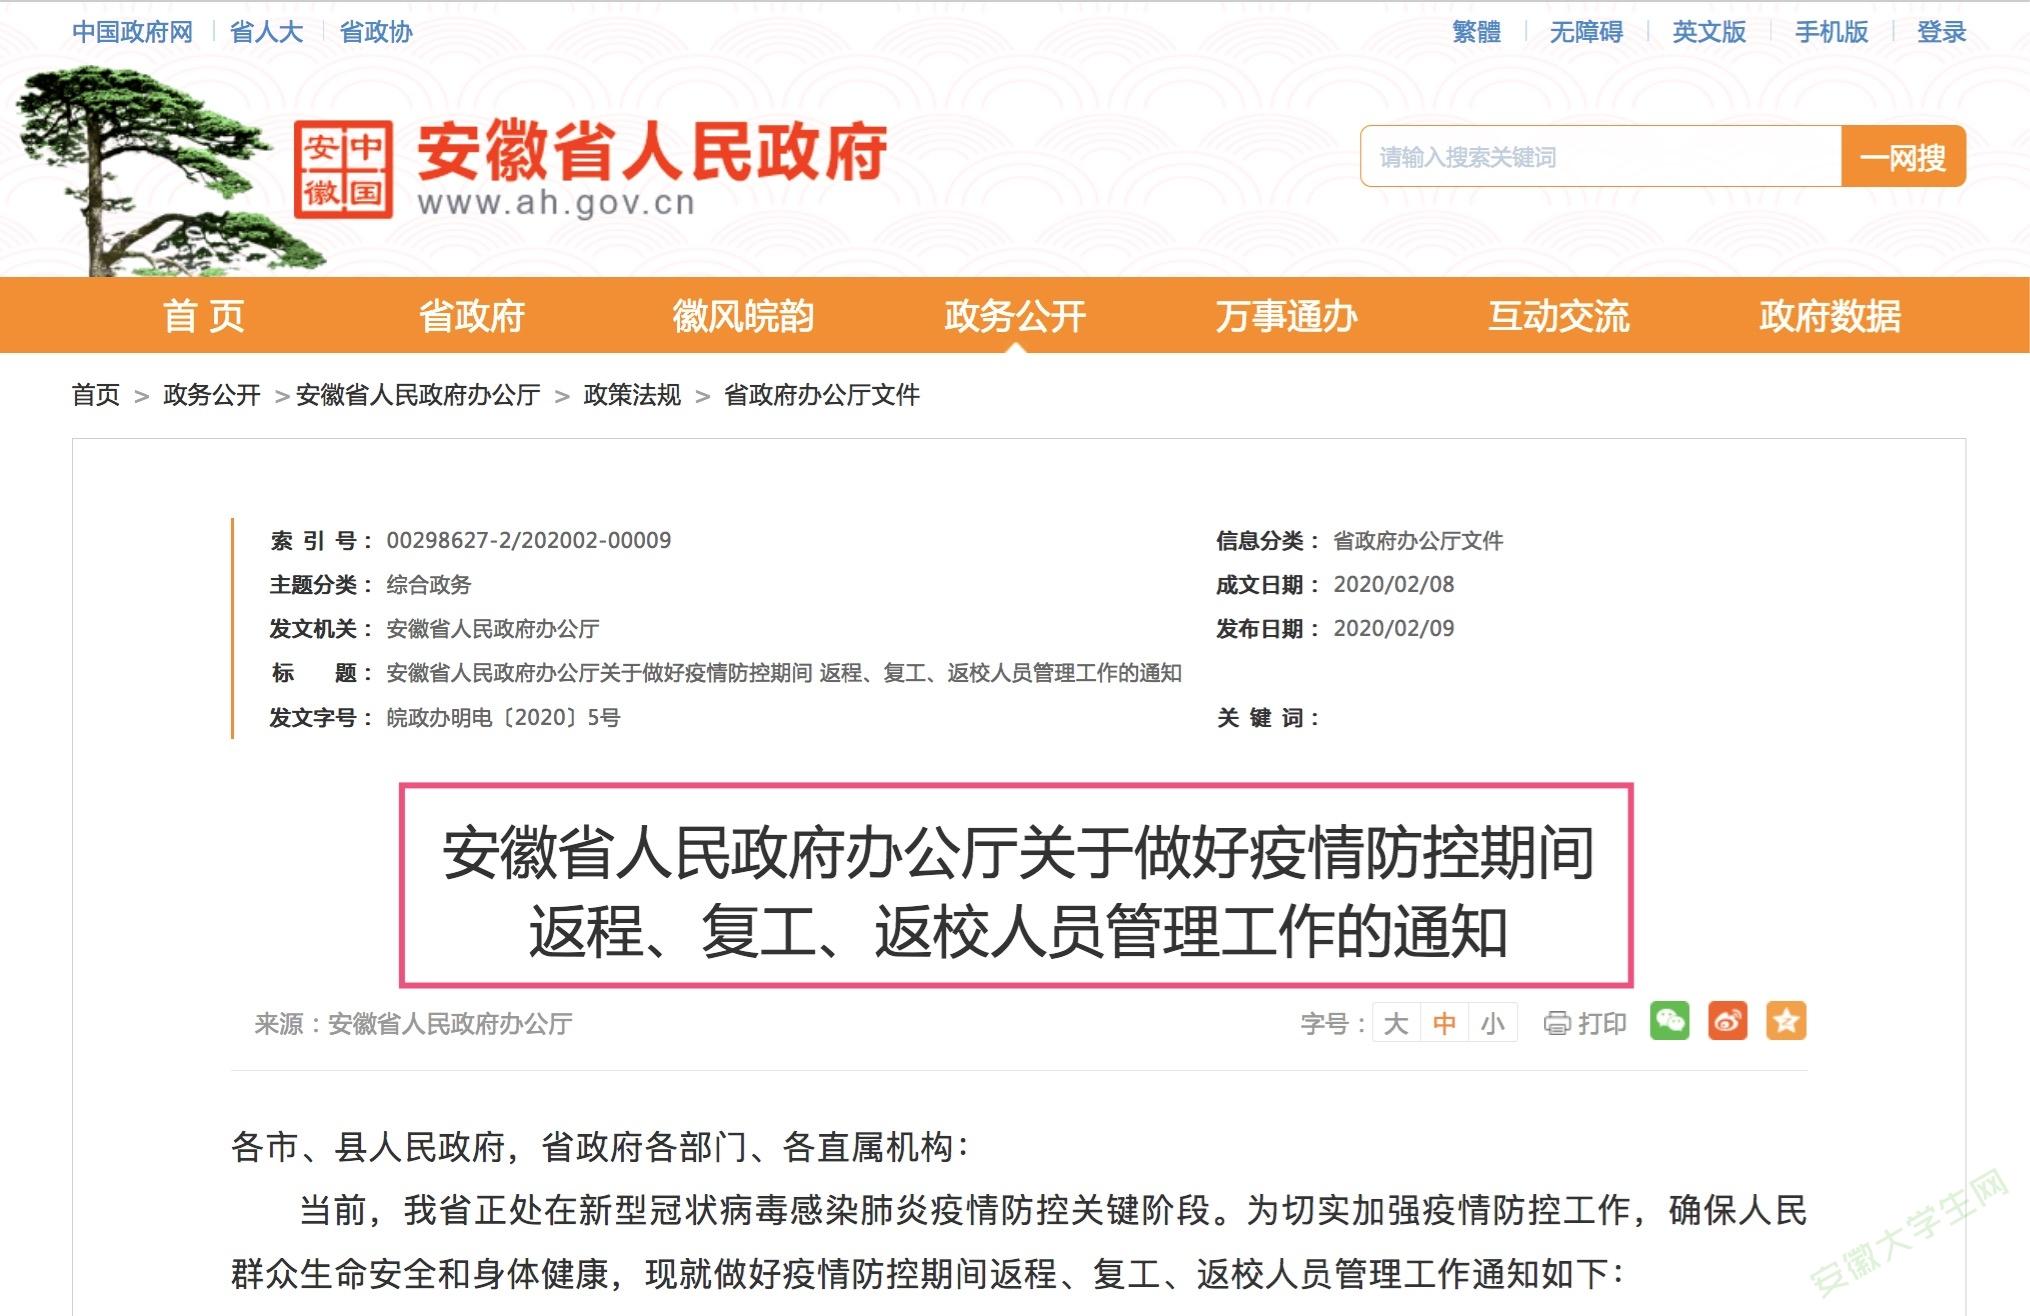 安徽省政府发布重要通知!有关返程、复工、返校